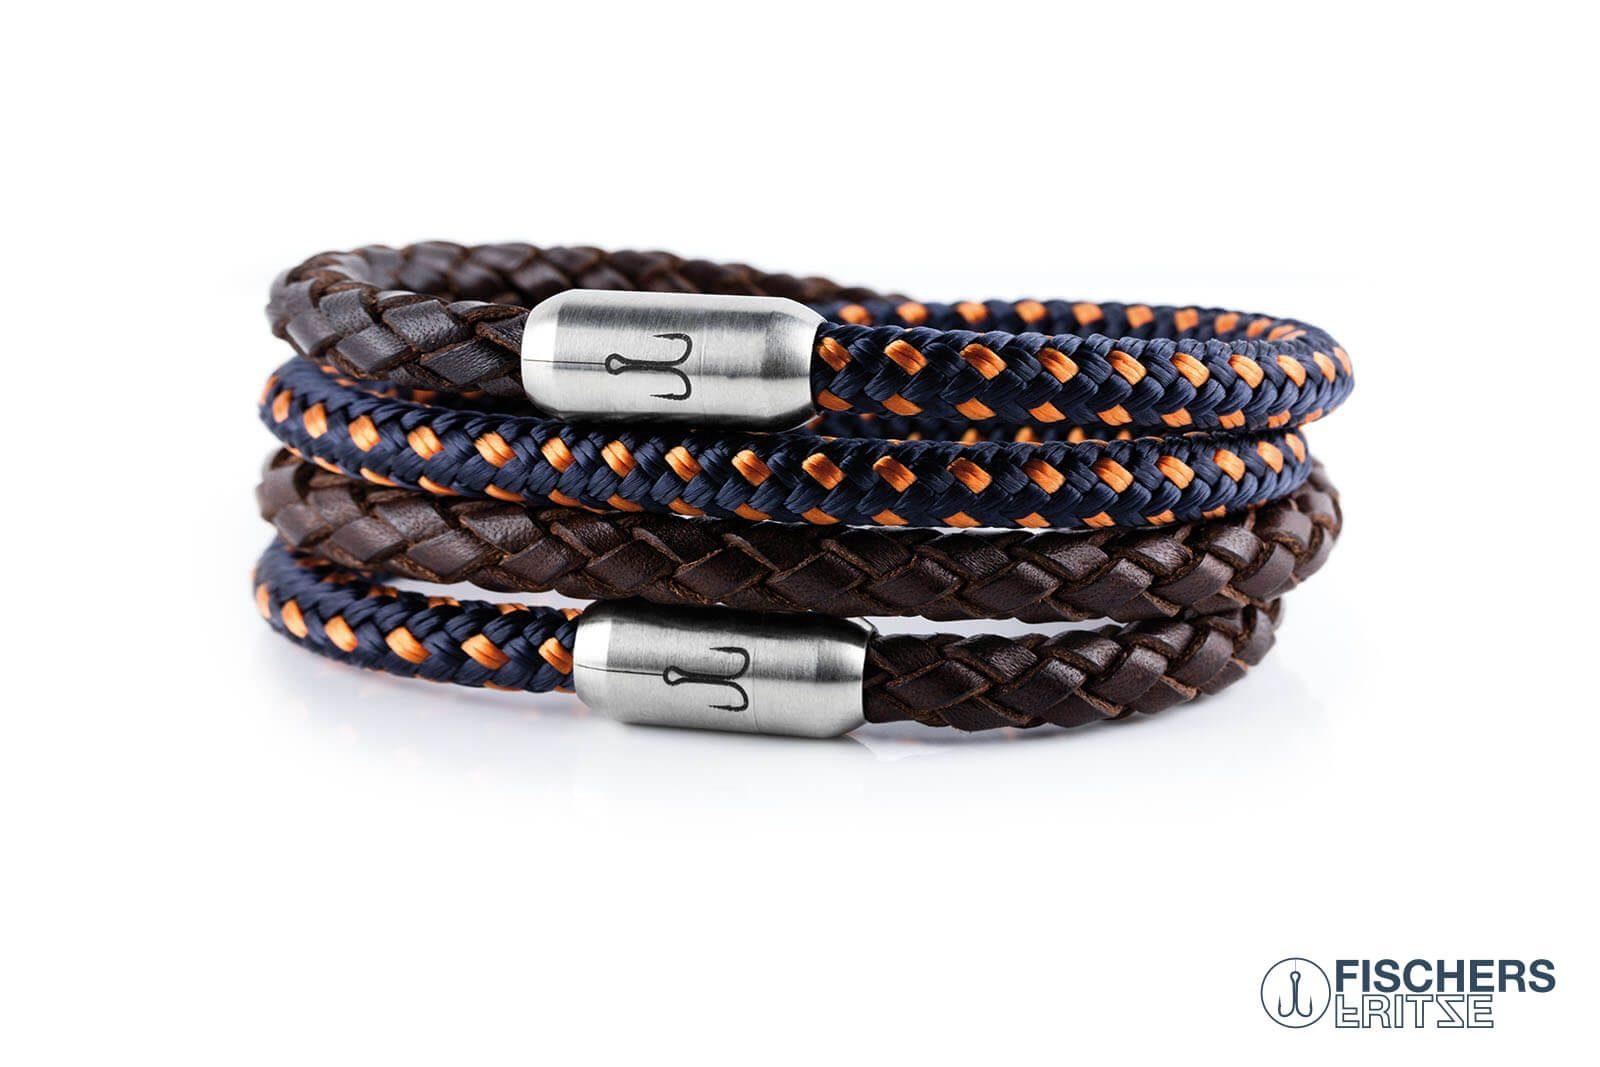 Wickelarmband Kombination Leder braun geflochten und Segeltau marineblau orange mit Fischers Fritze Gravur